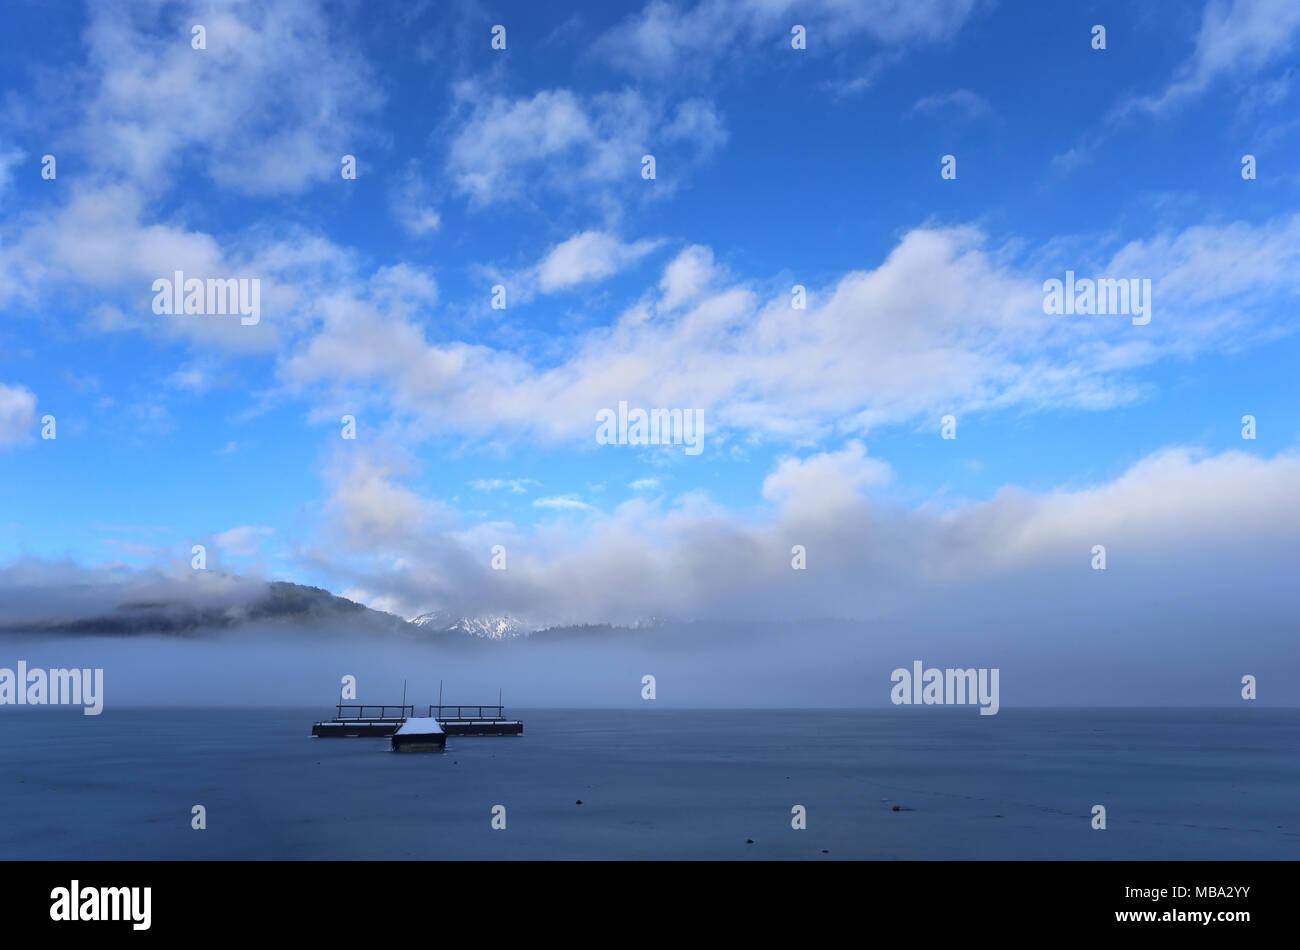 Grainau, Allemagne. 29 janvier, 2016. Les nuages se dissiper avec la surface gelée du lac Eibsee près de Grainau, Allemagne, le 29.01.2016. Credit: Karl-Josef Opim /afp | Le monde d'utilisation/dpa/Alamy Live News Photo Stock